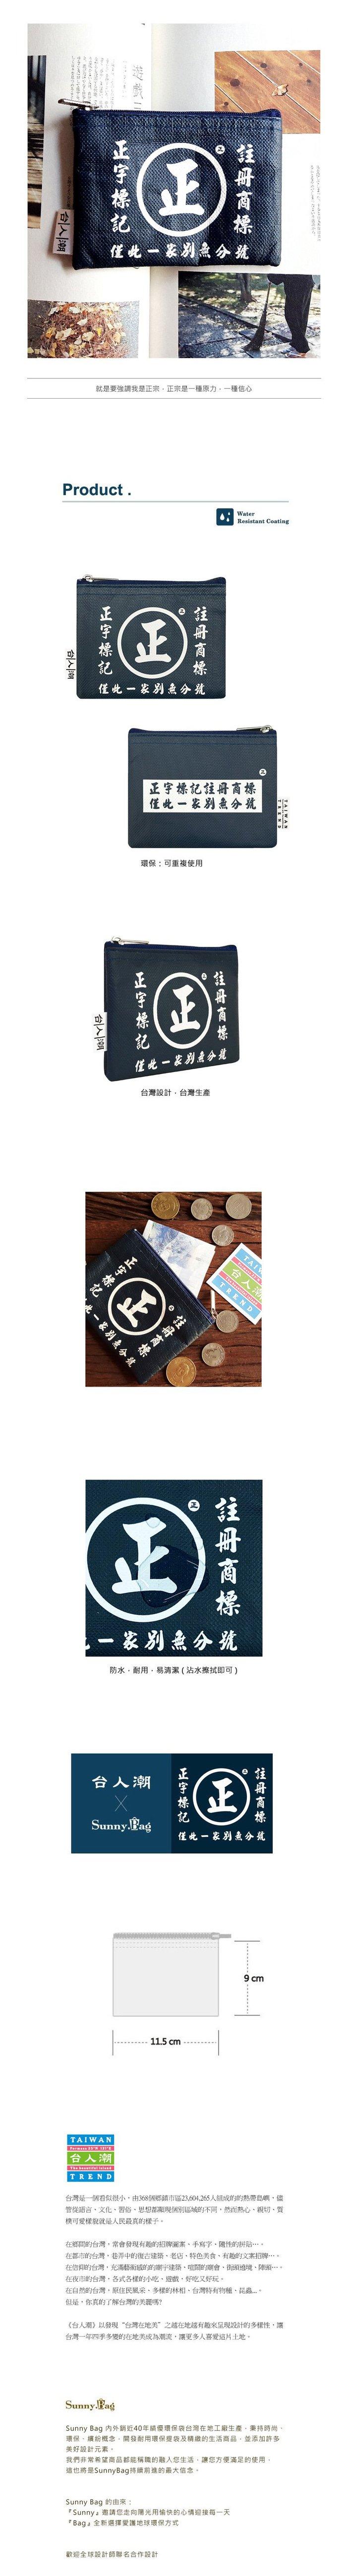 (複製)Sunny Bag 看見‧齊柏林基金會-零錢包-玉山主峰與北峰